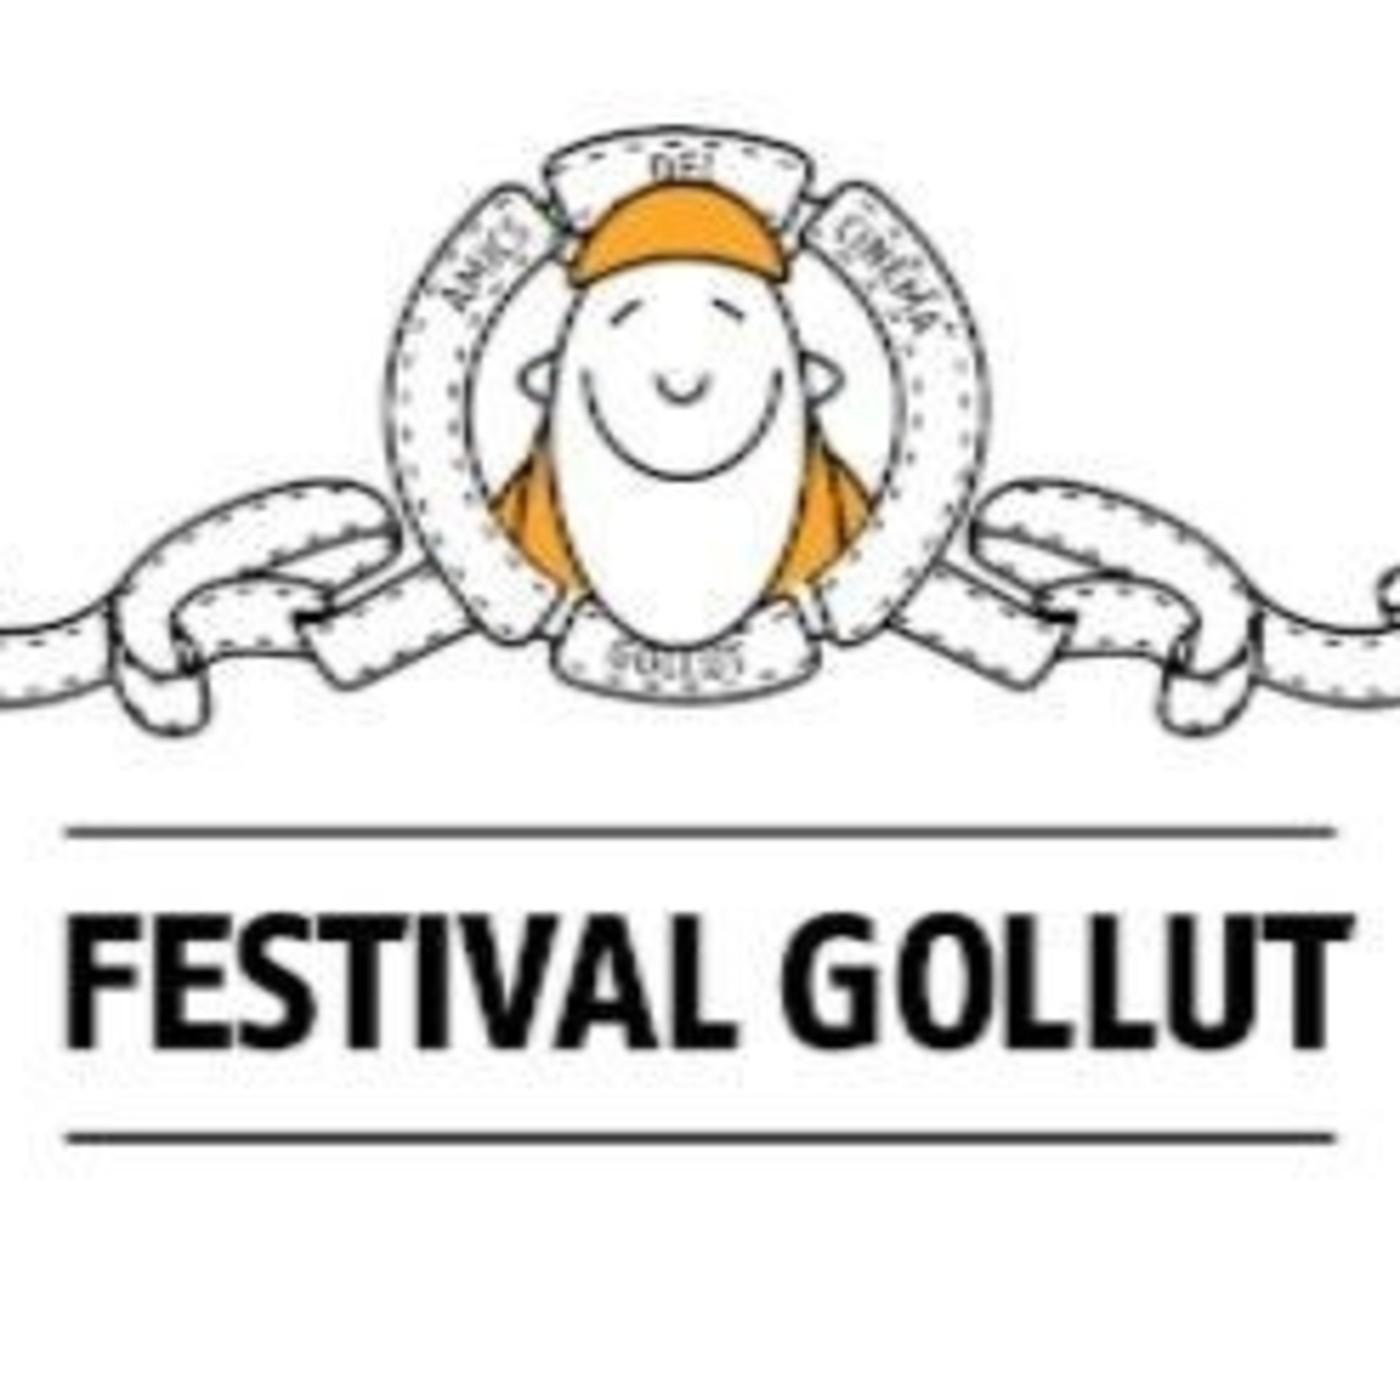 SESSIÓ FESTIVAL GOLLUT A BASILEA 2019